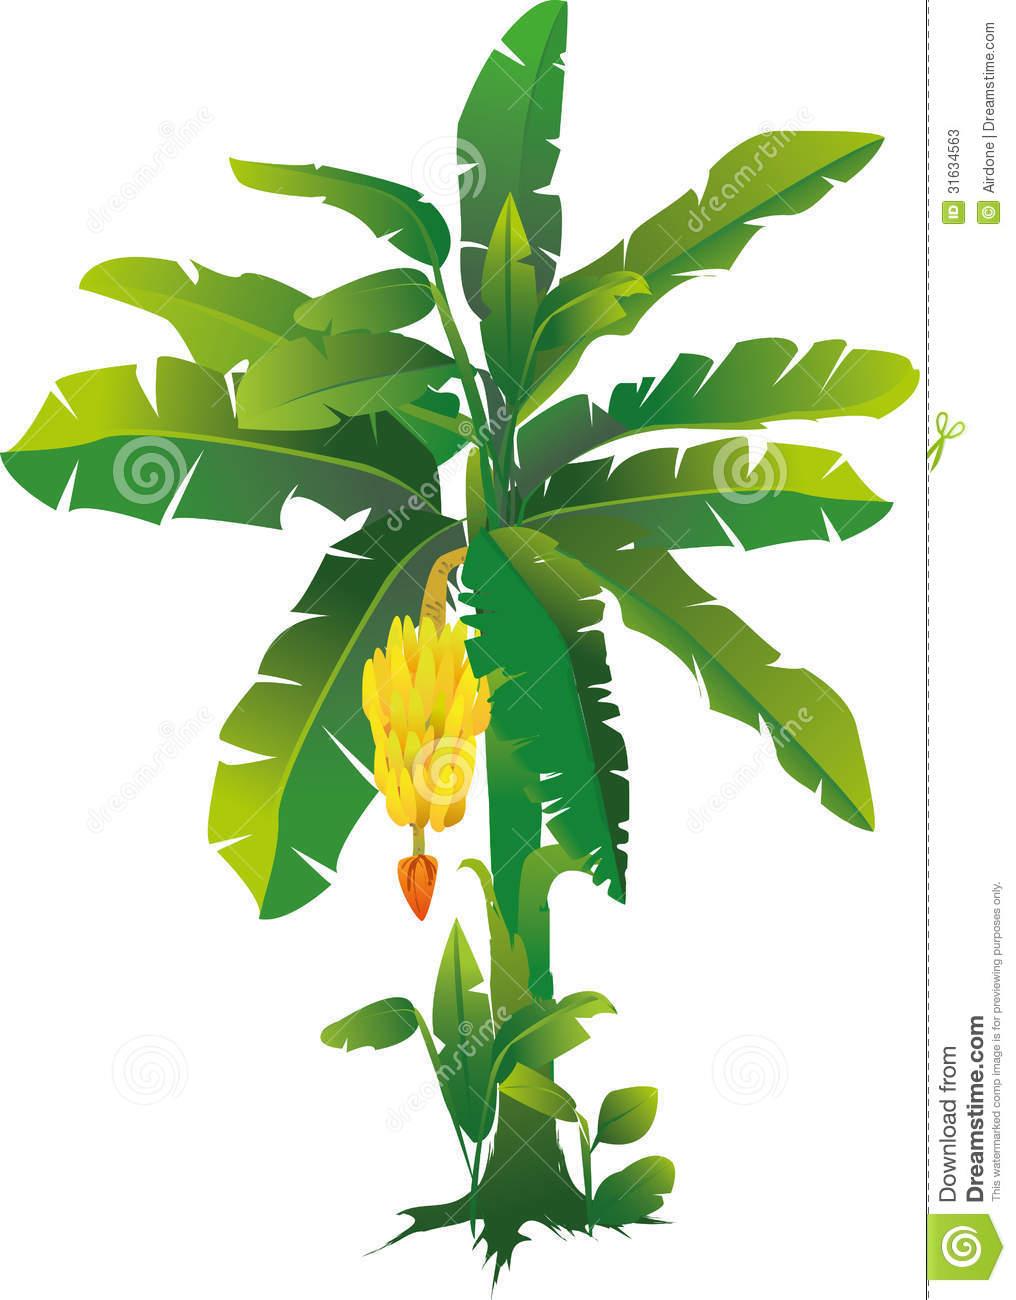 Banana Tree Stock Photos.